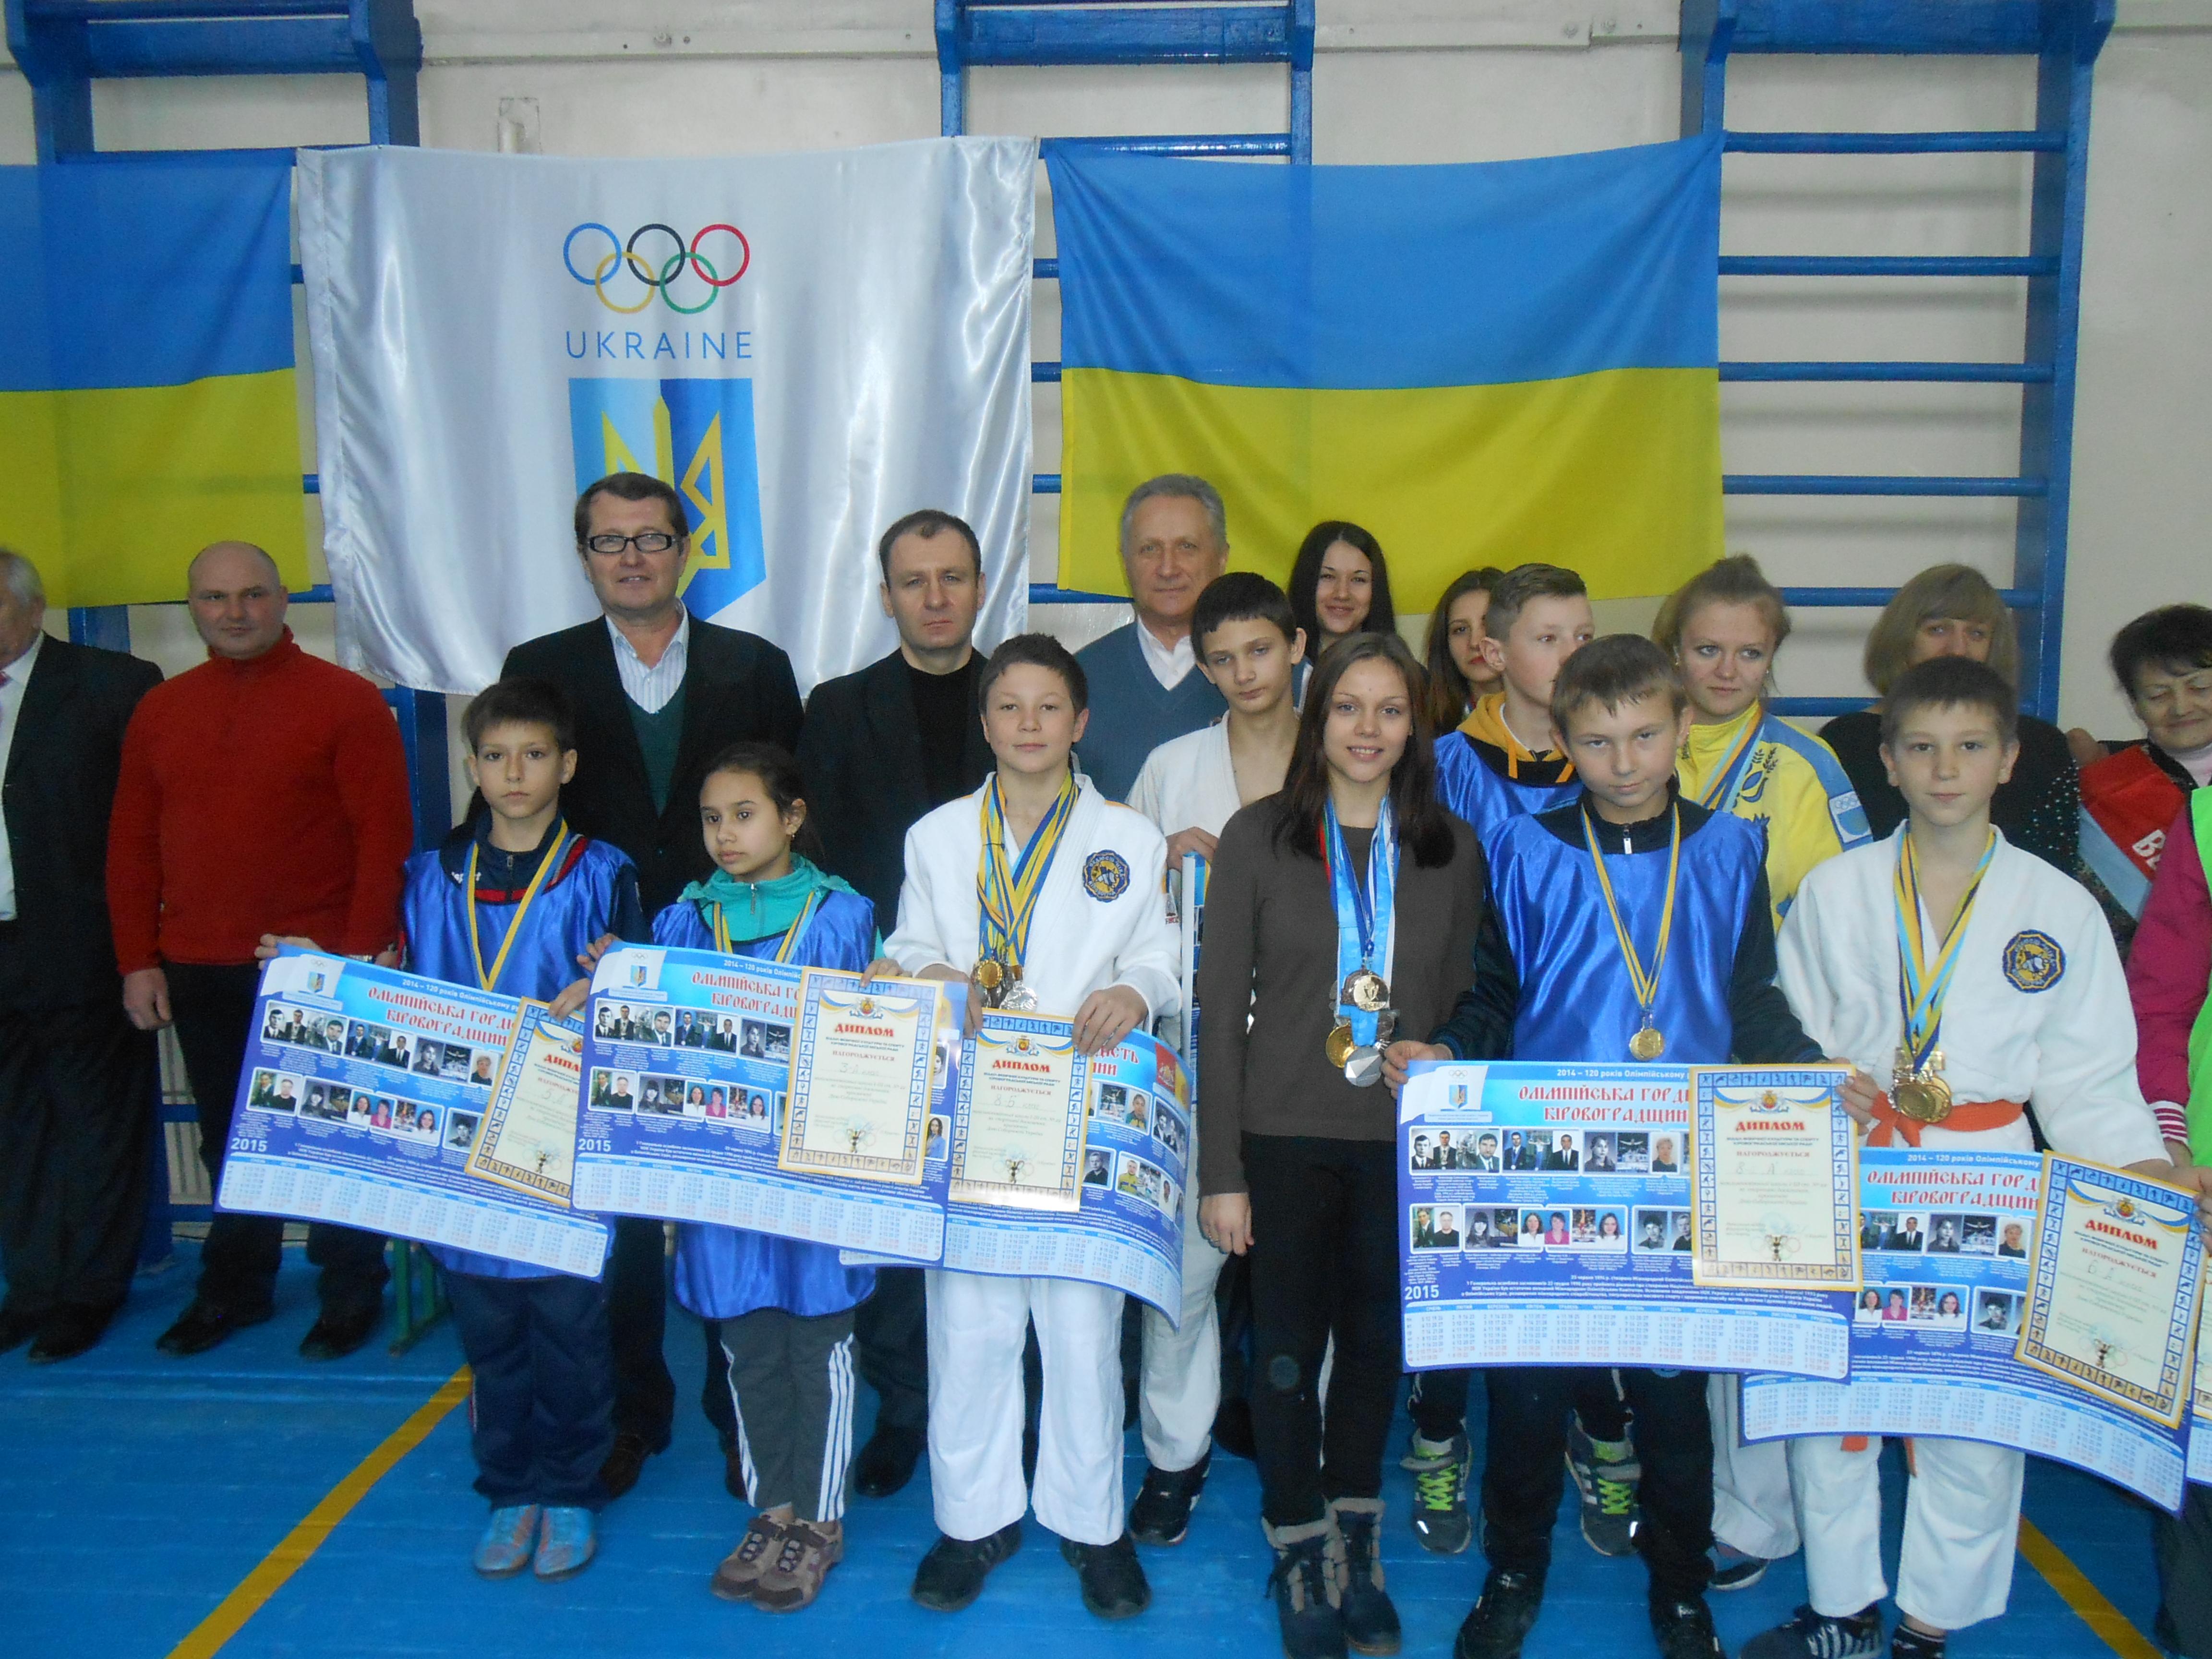 фото з юними спортсменами